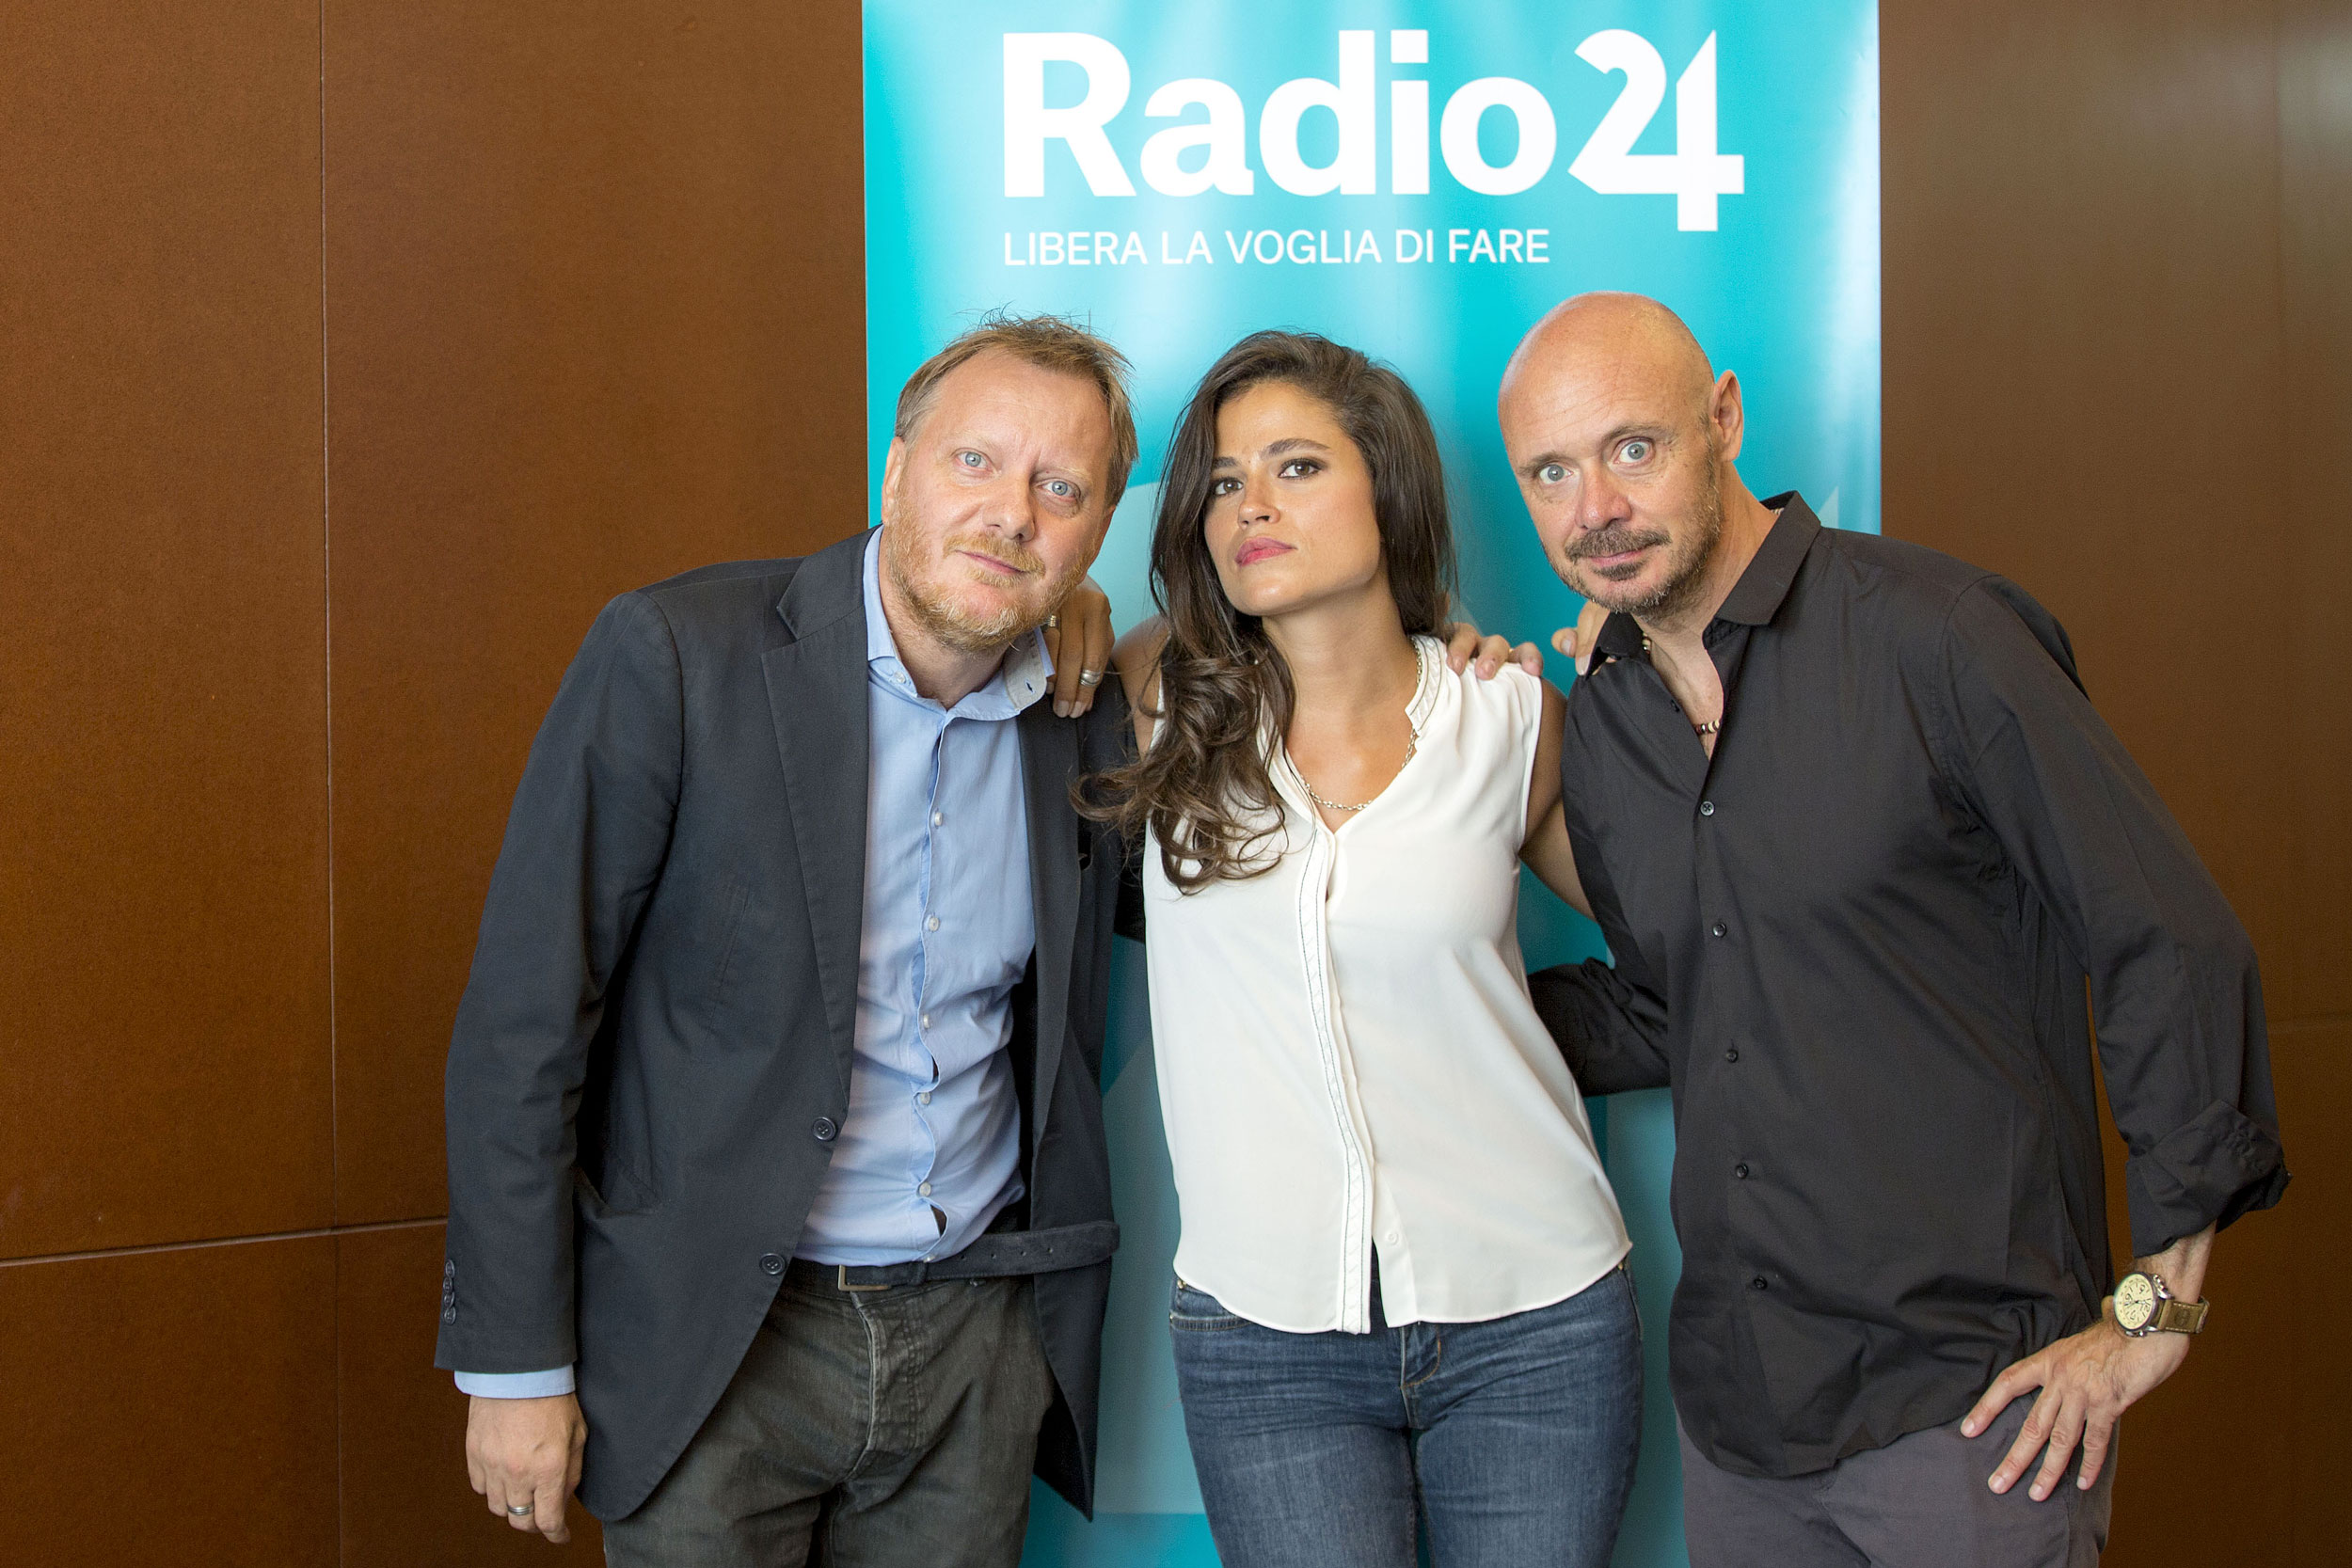 Giulio bacosi in diretta su radio 24 con ifunamboli for Diretta radio radicale